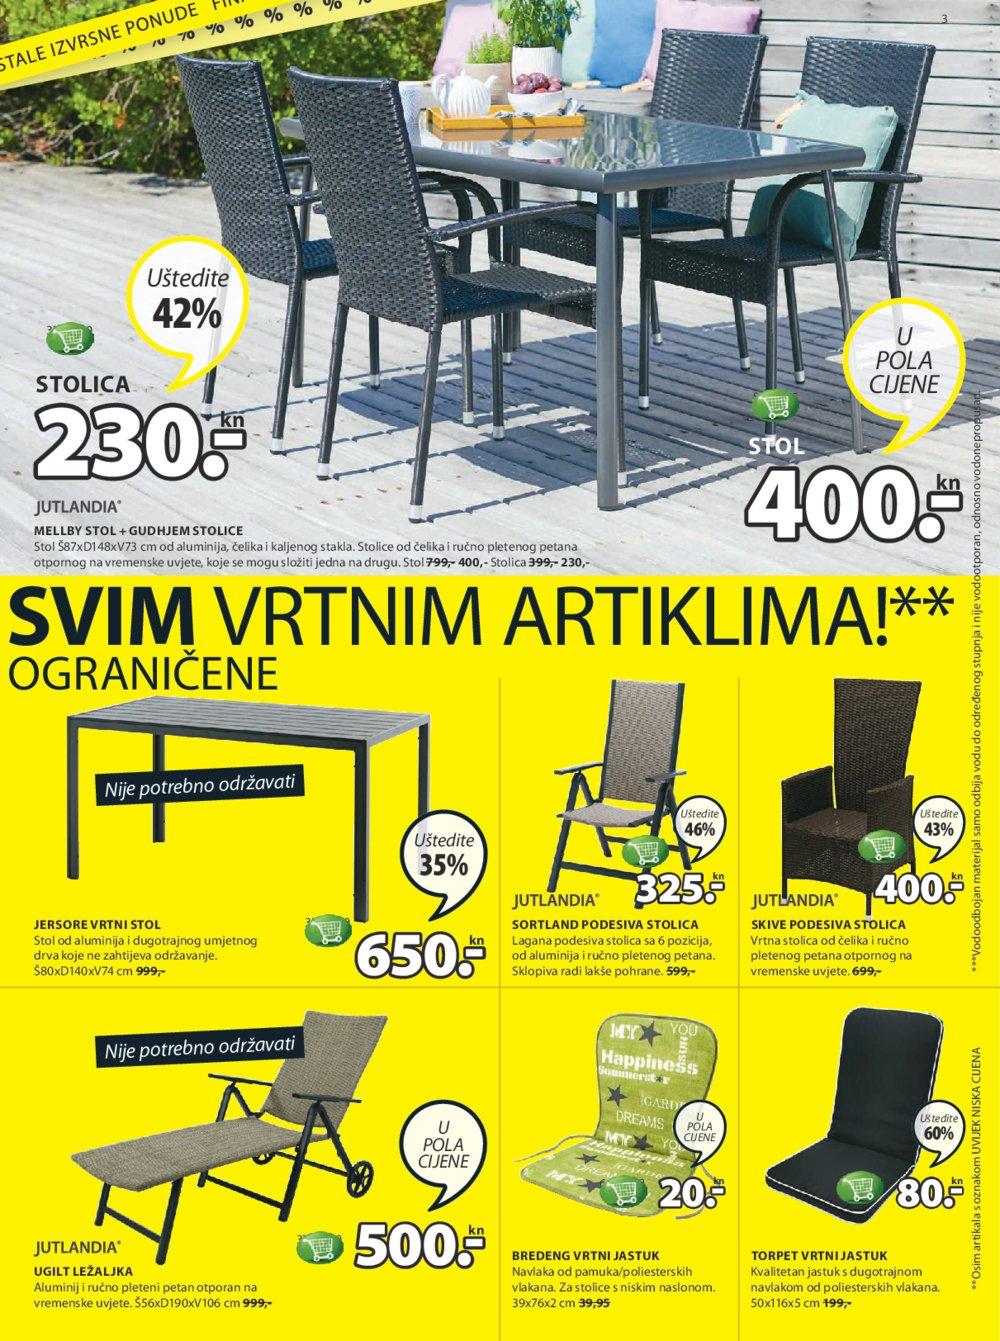 JYSK katalog Finalana rasprodaja od 03.08. do 16.08.2017.